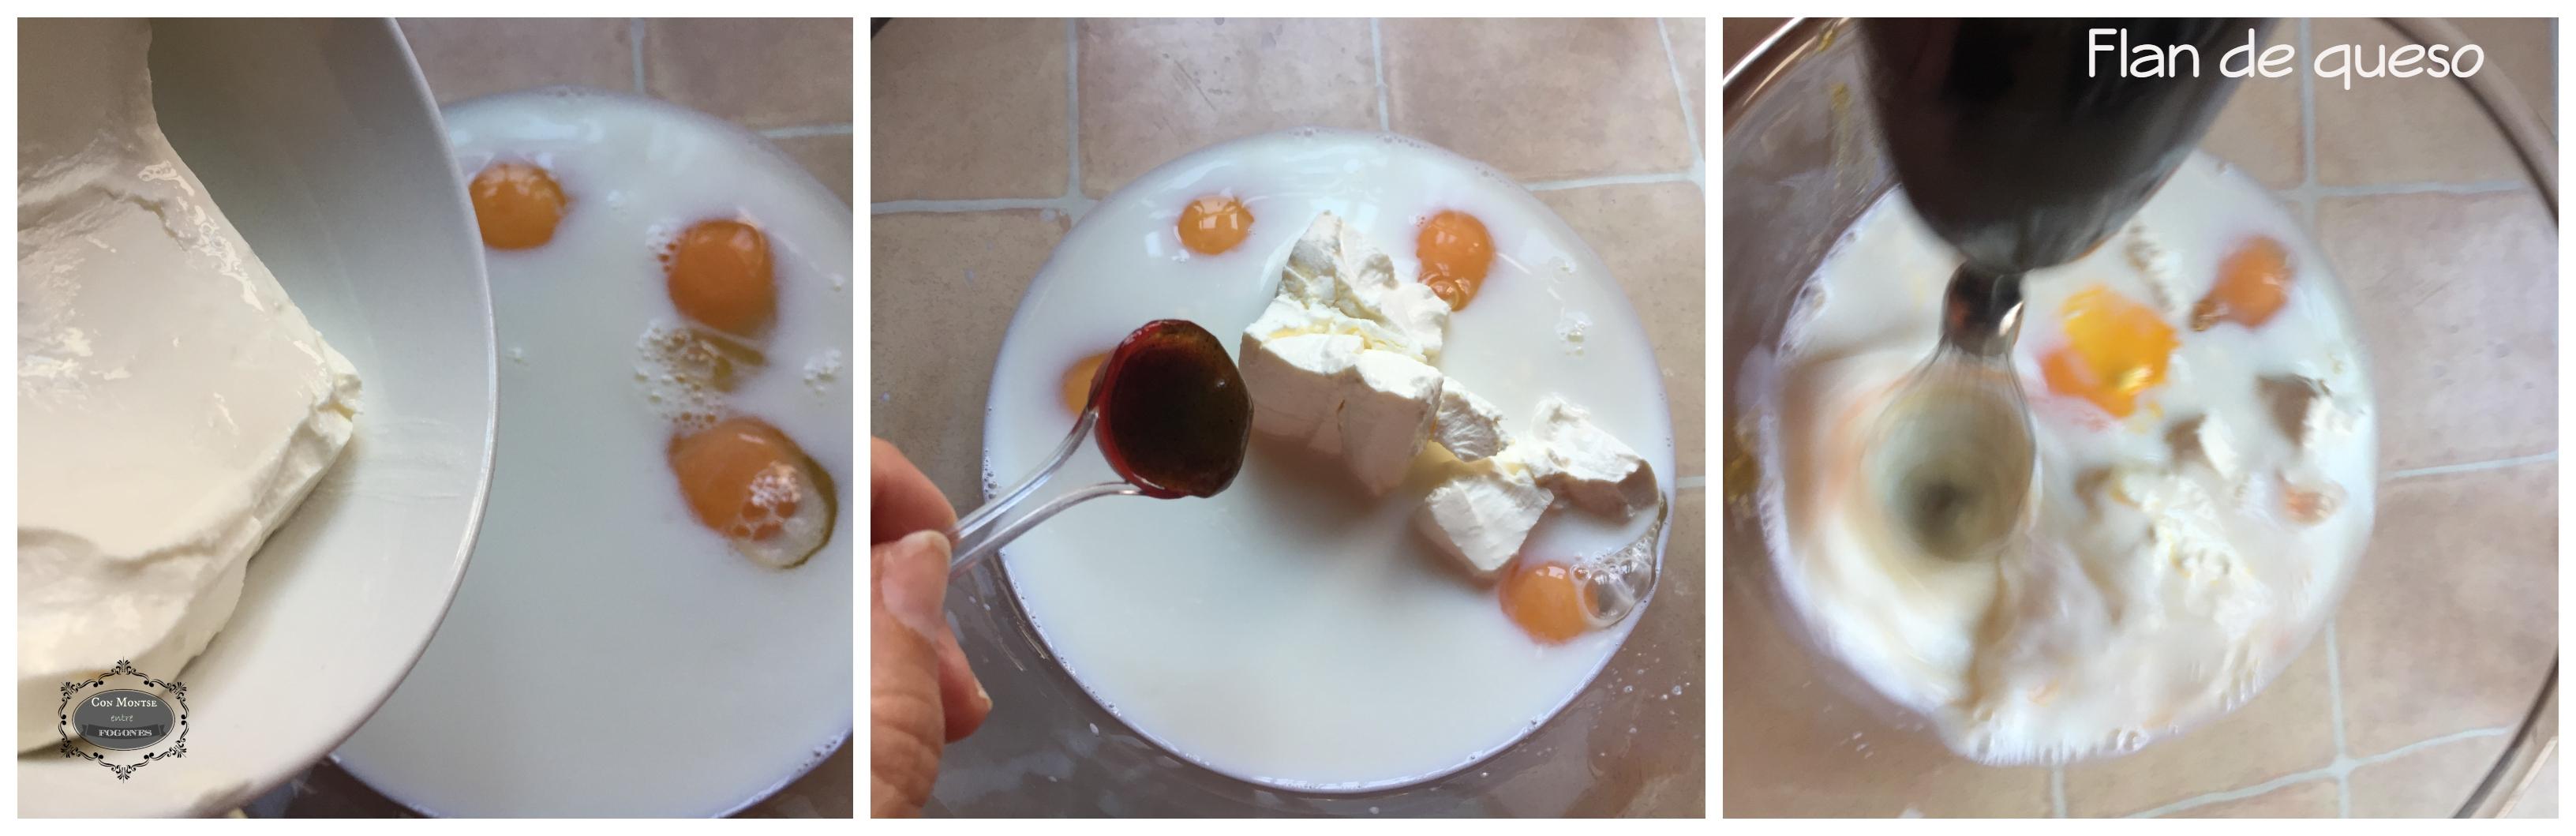 Flan de queso 1 (2)